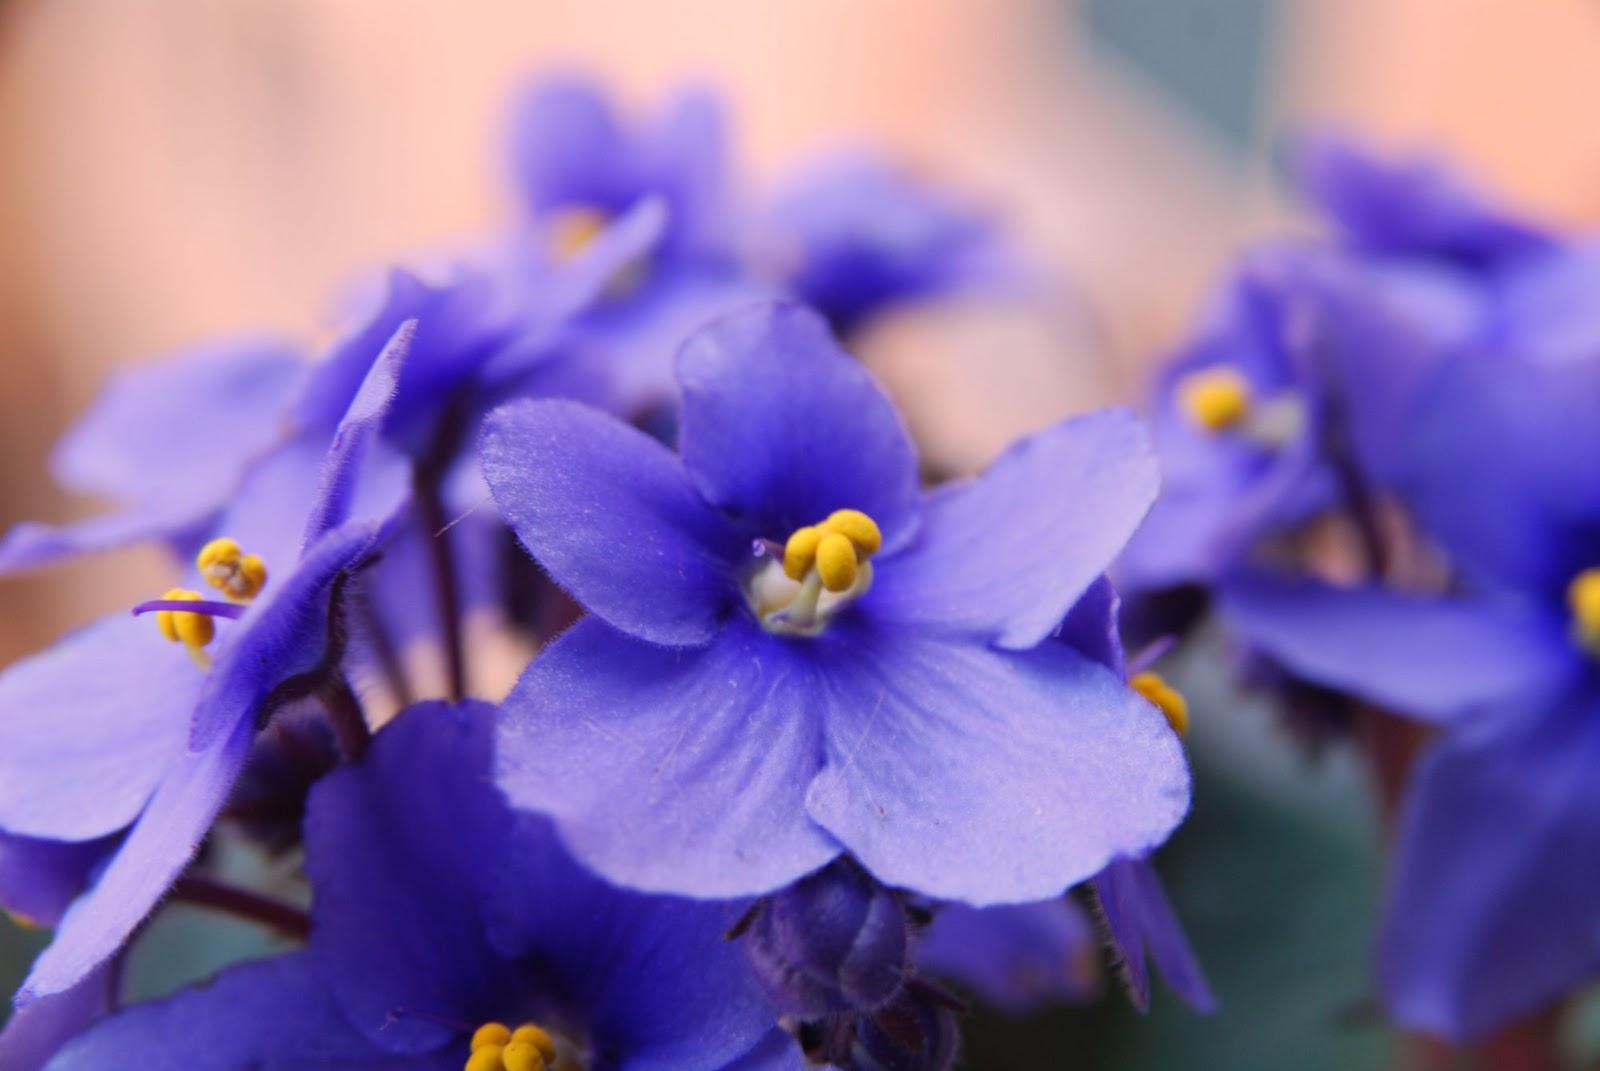 Violette möhren